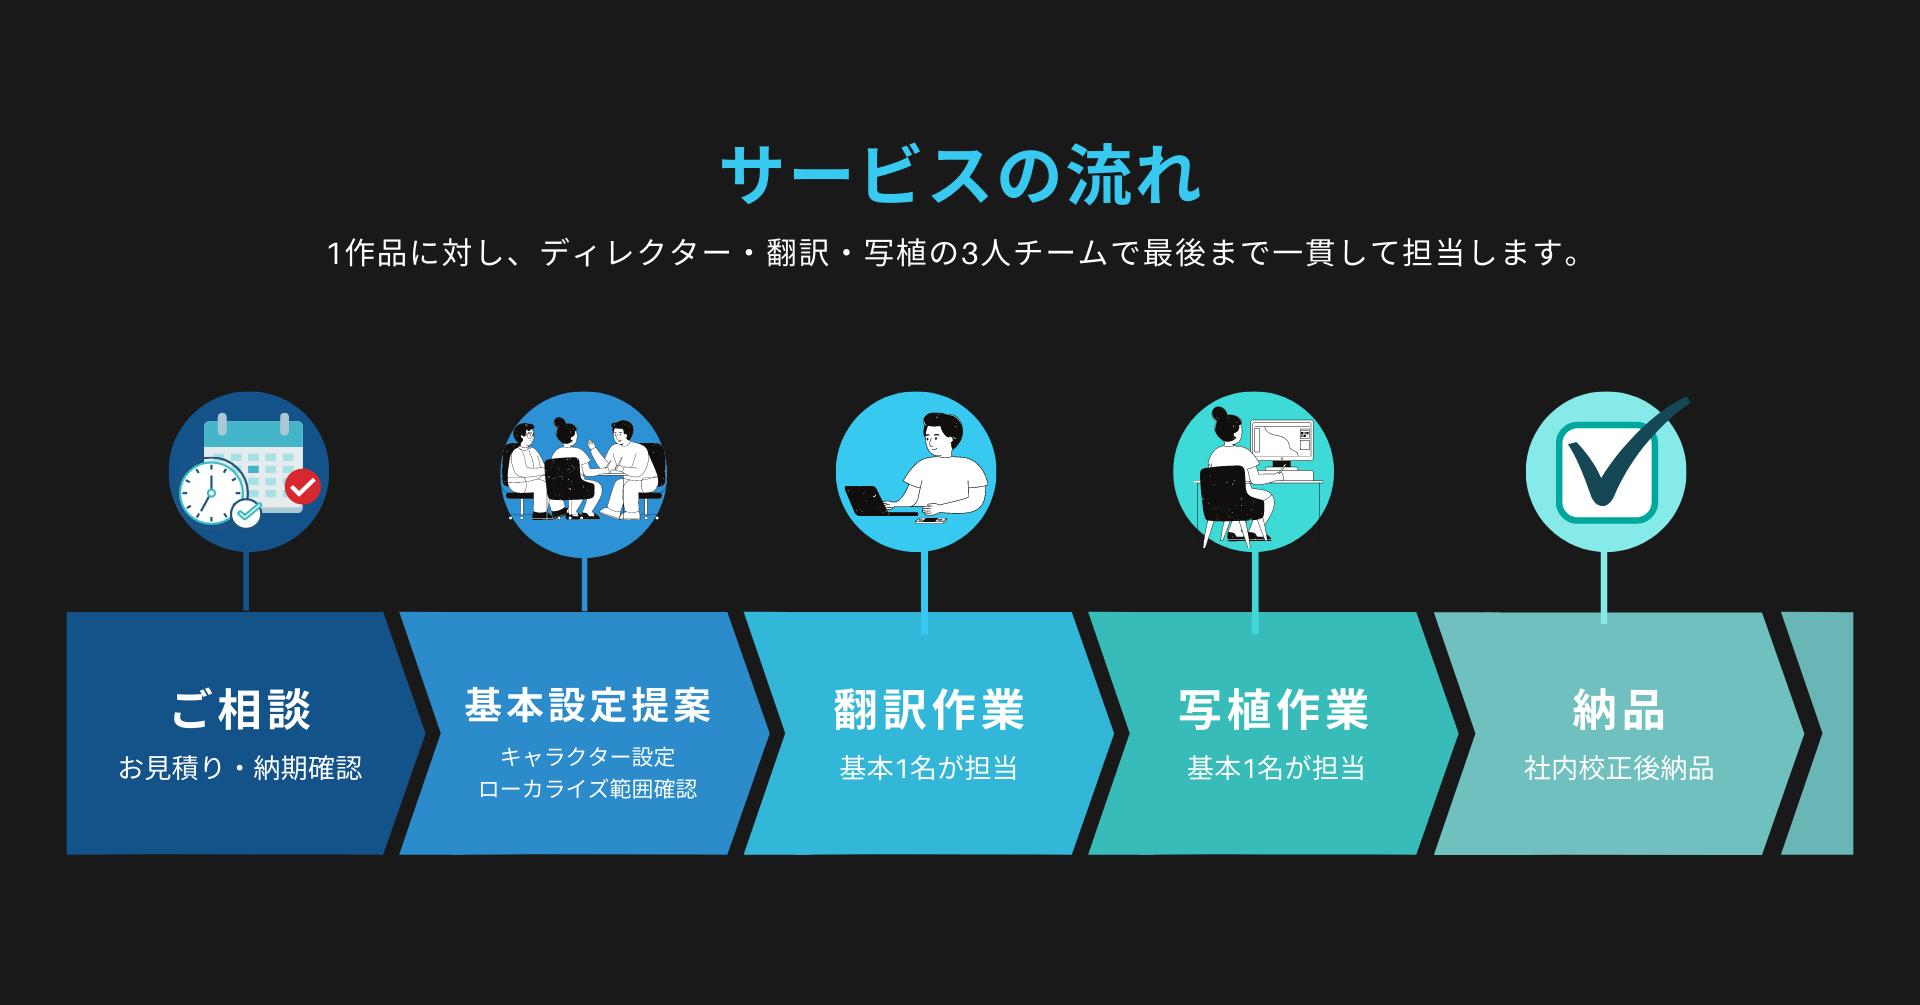 韓国「WEBTOON」など電⼦コミックに関するローカライズ事業開始